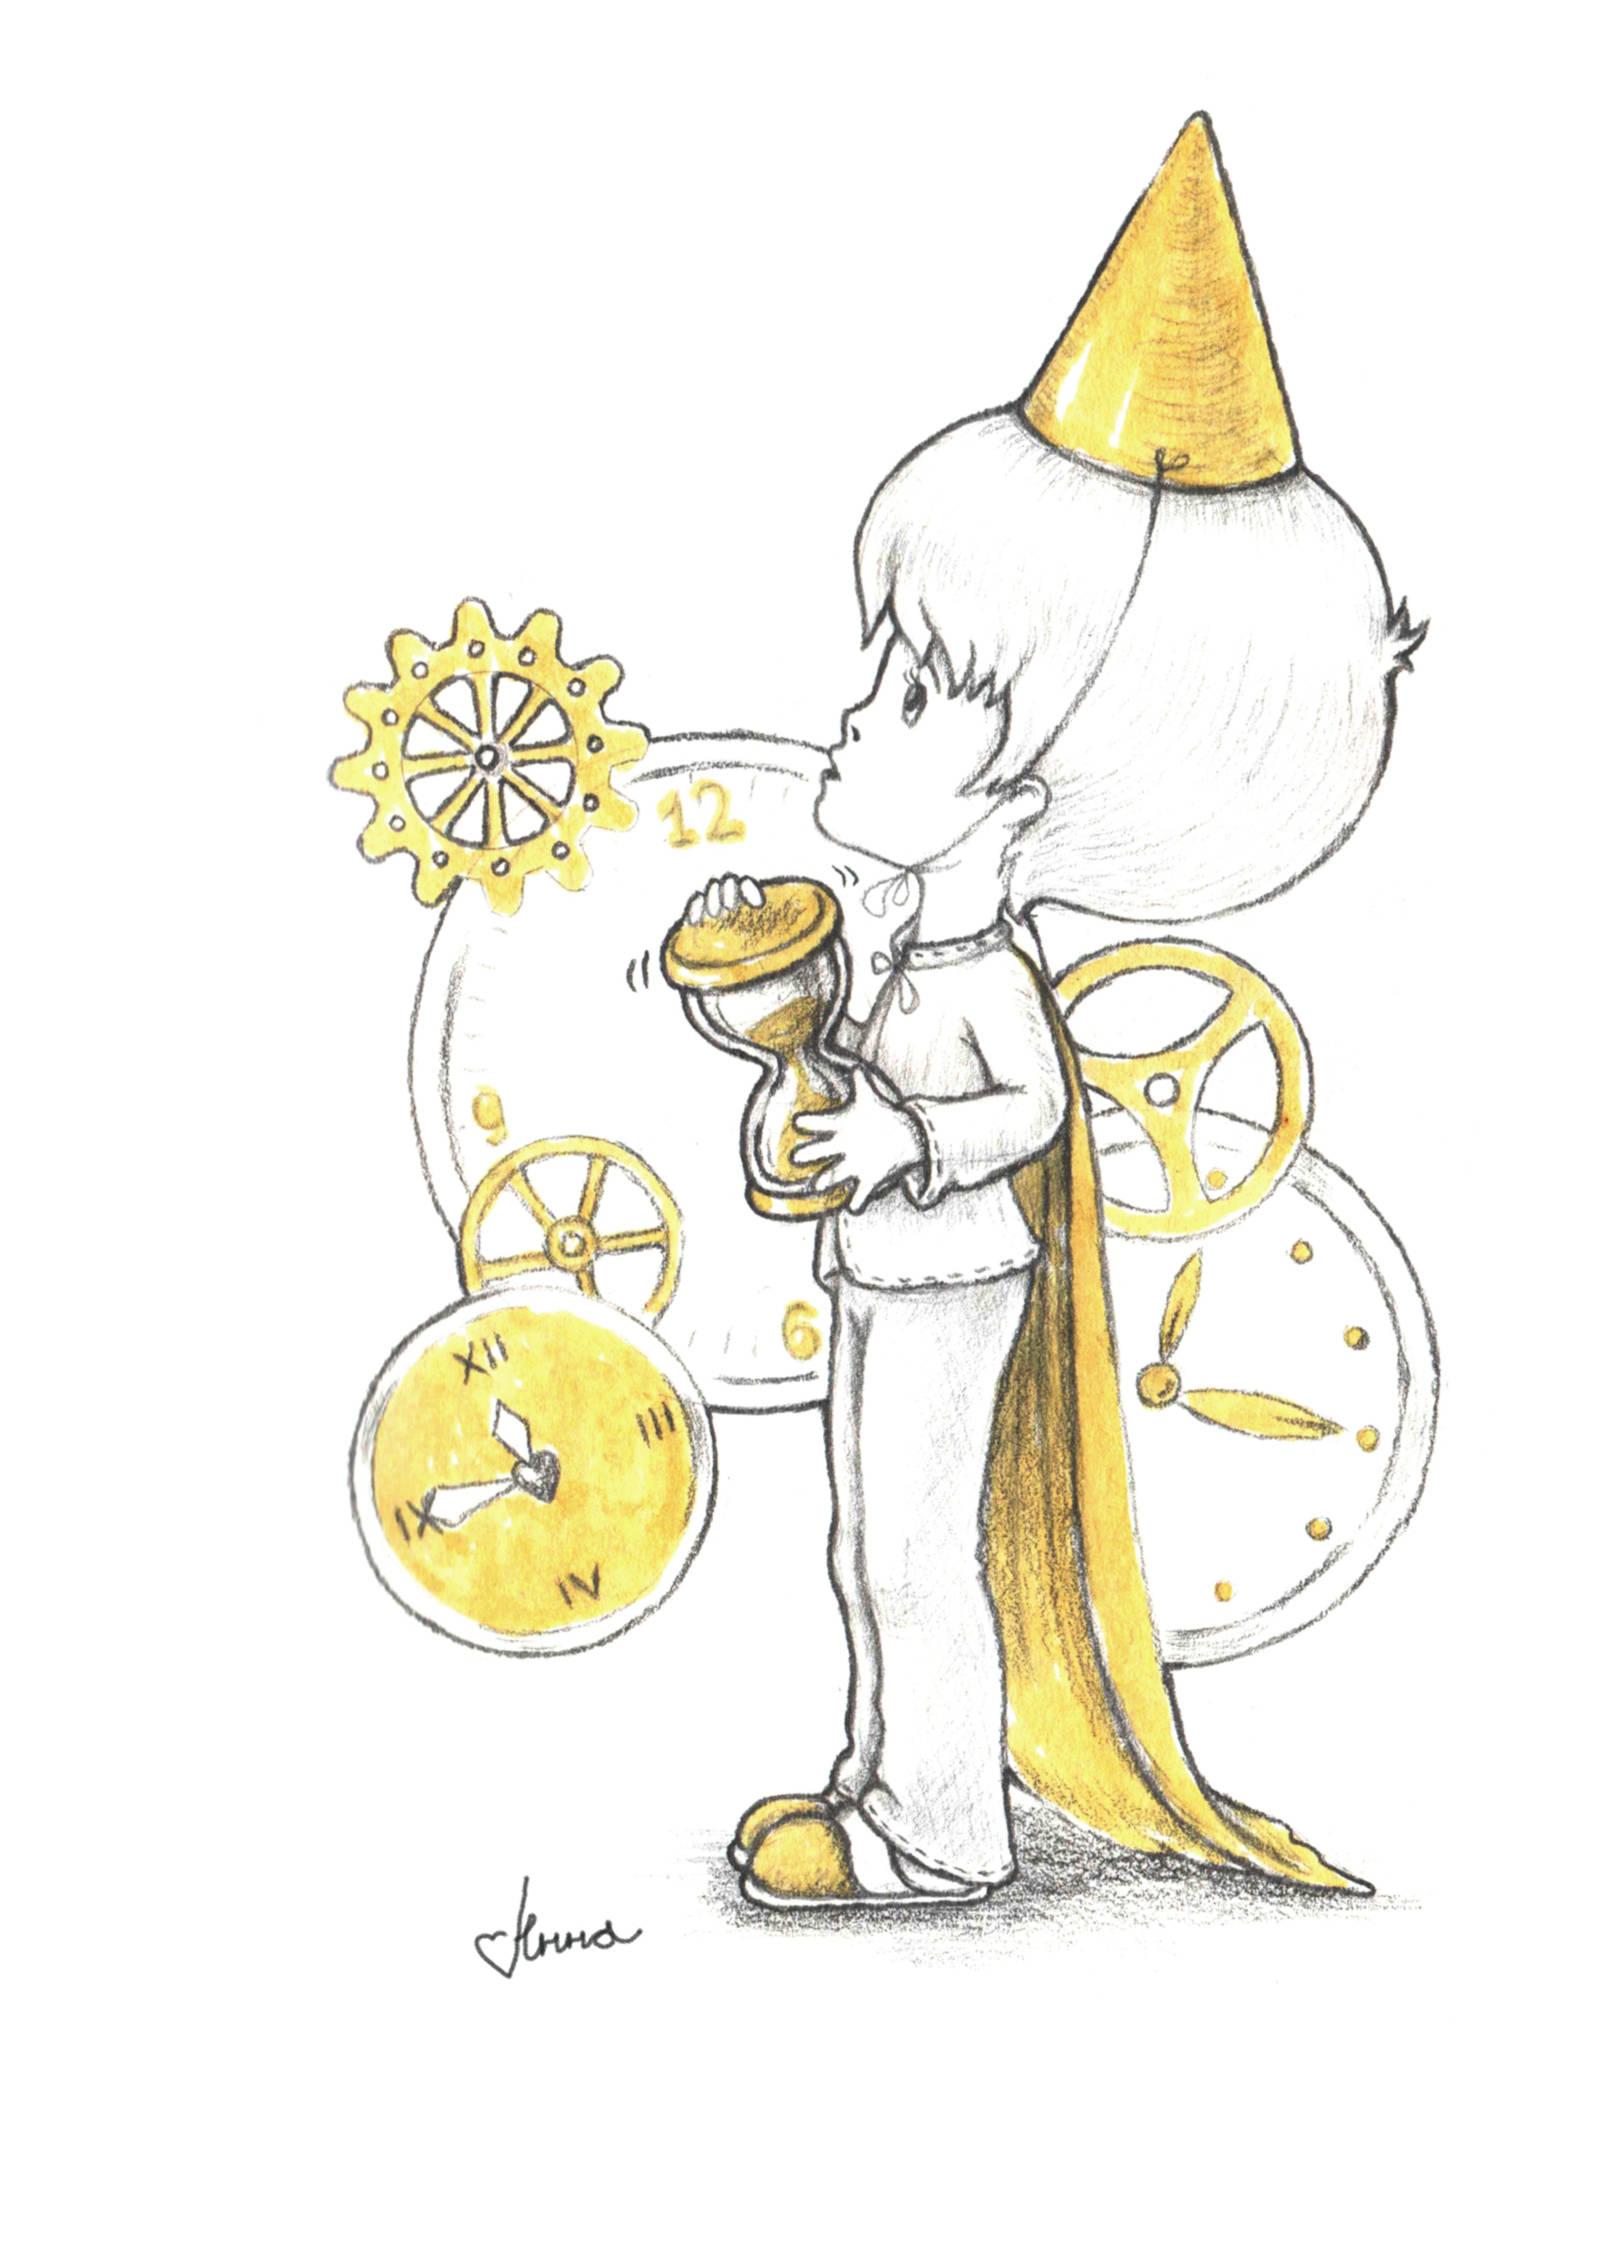 """""""Мальчик - время"""". Серия """"Детские шалости"""". Графика, 2016 год.   Время так скоротечно... Время истекает... Время покажет..."""